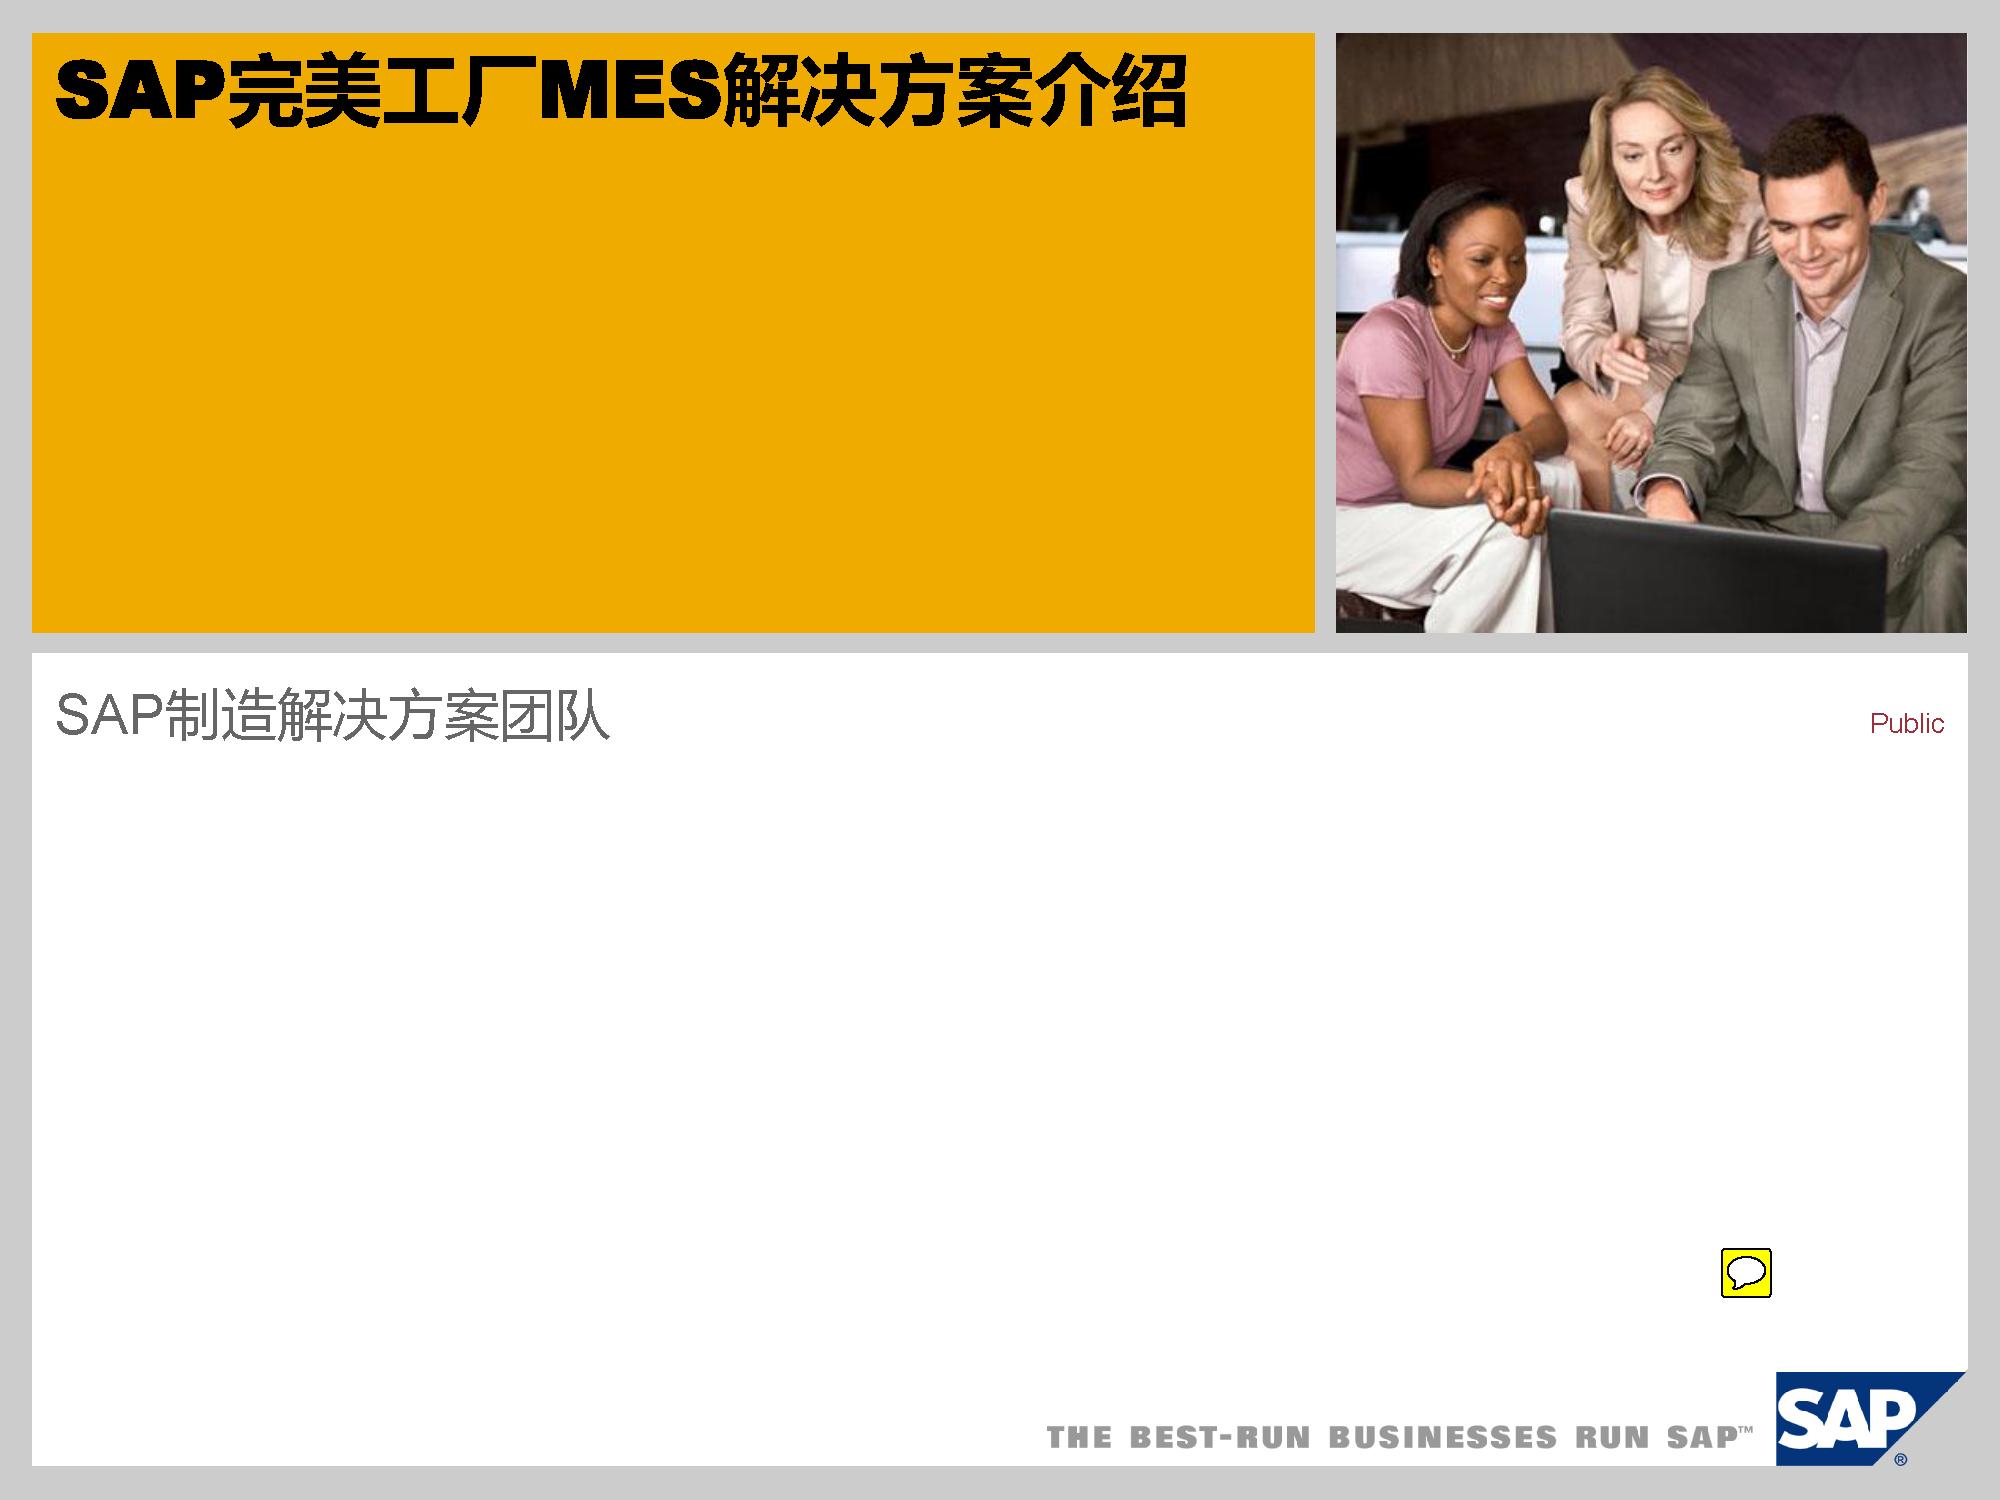 SAP-完美工厂MES解决方案